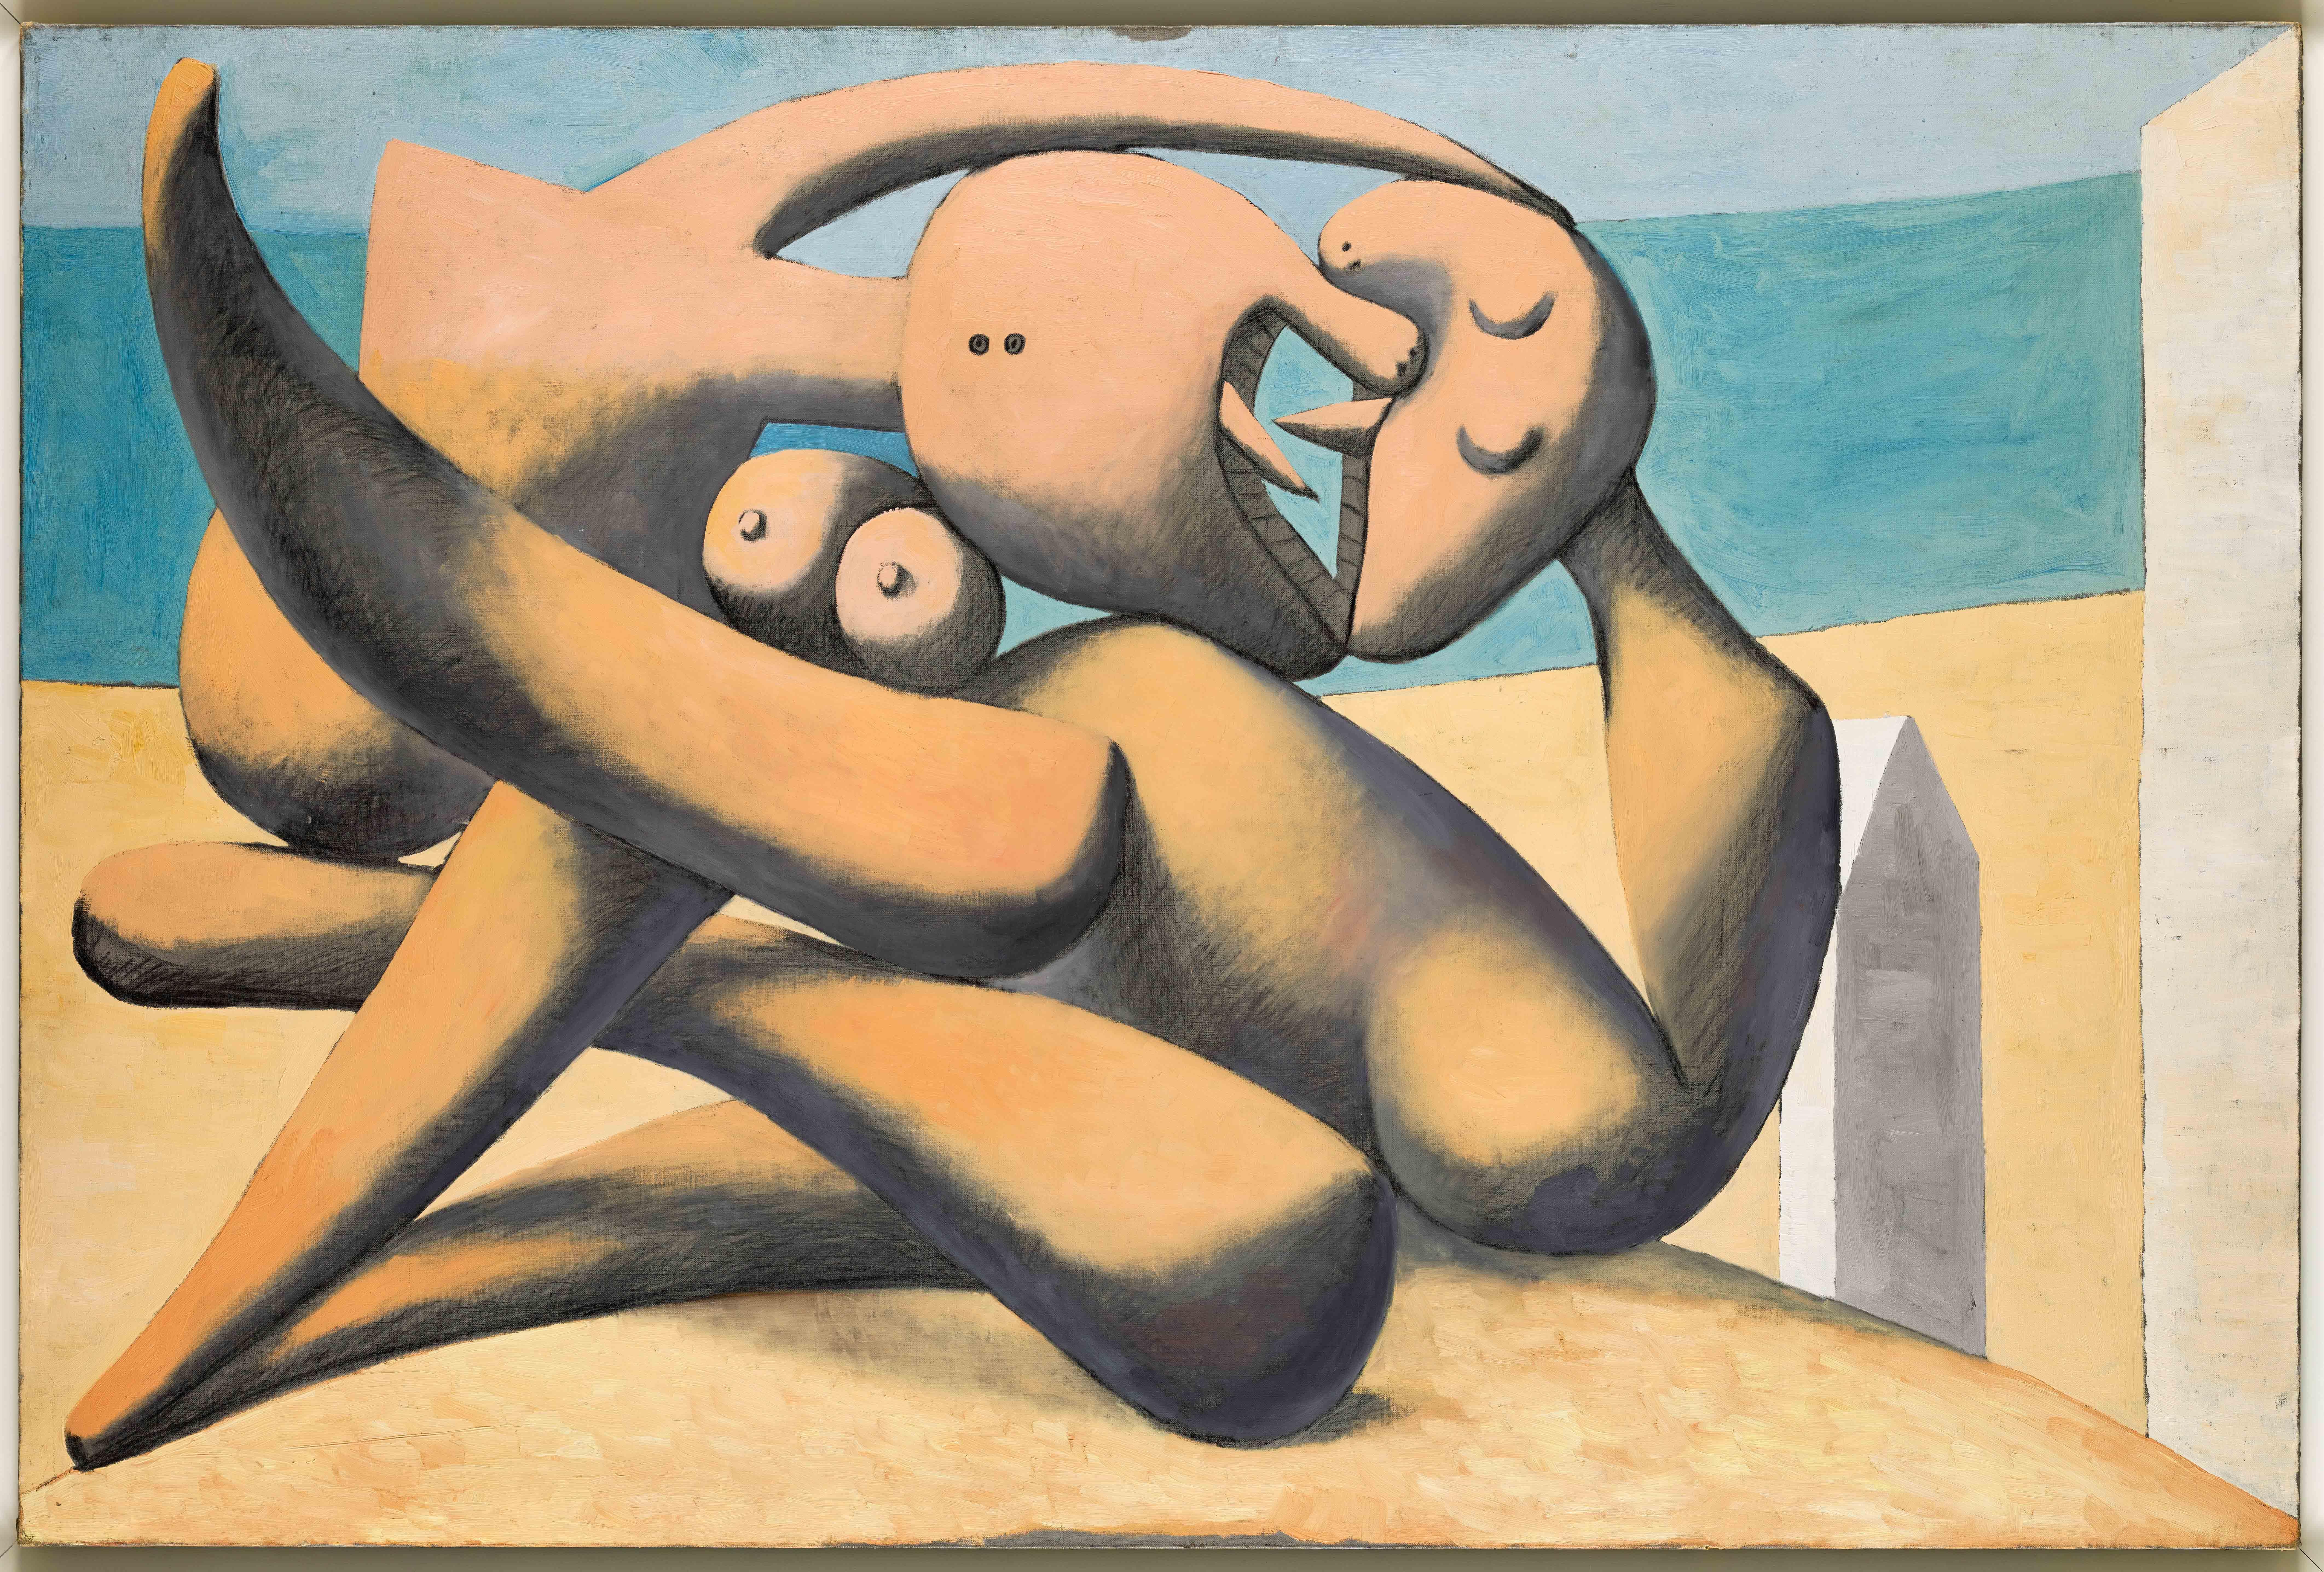 Пабло Пикассо. Фигуры наберегу моря. . Национальный музей Пикассо, Париж